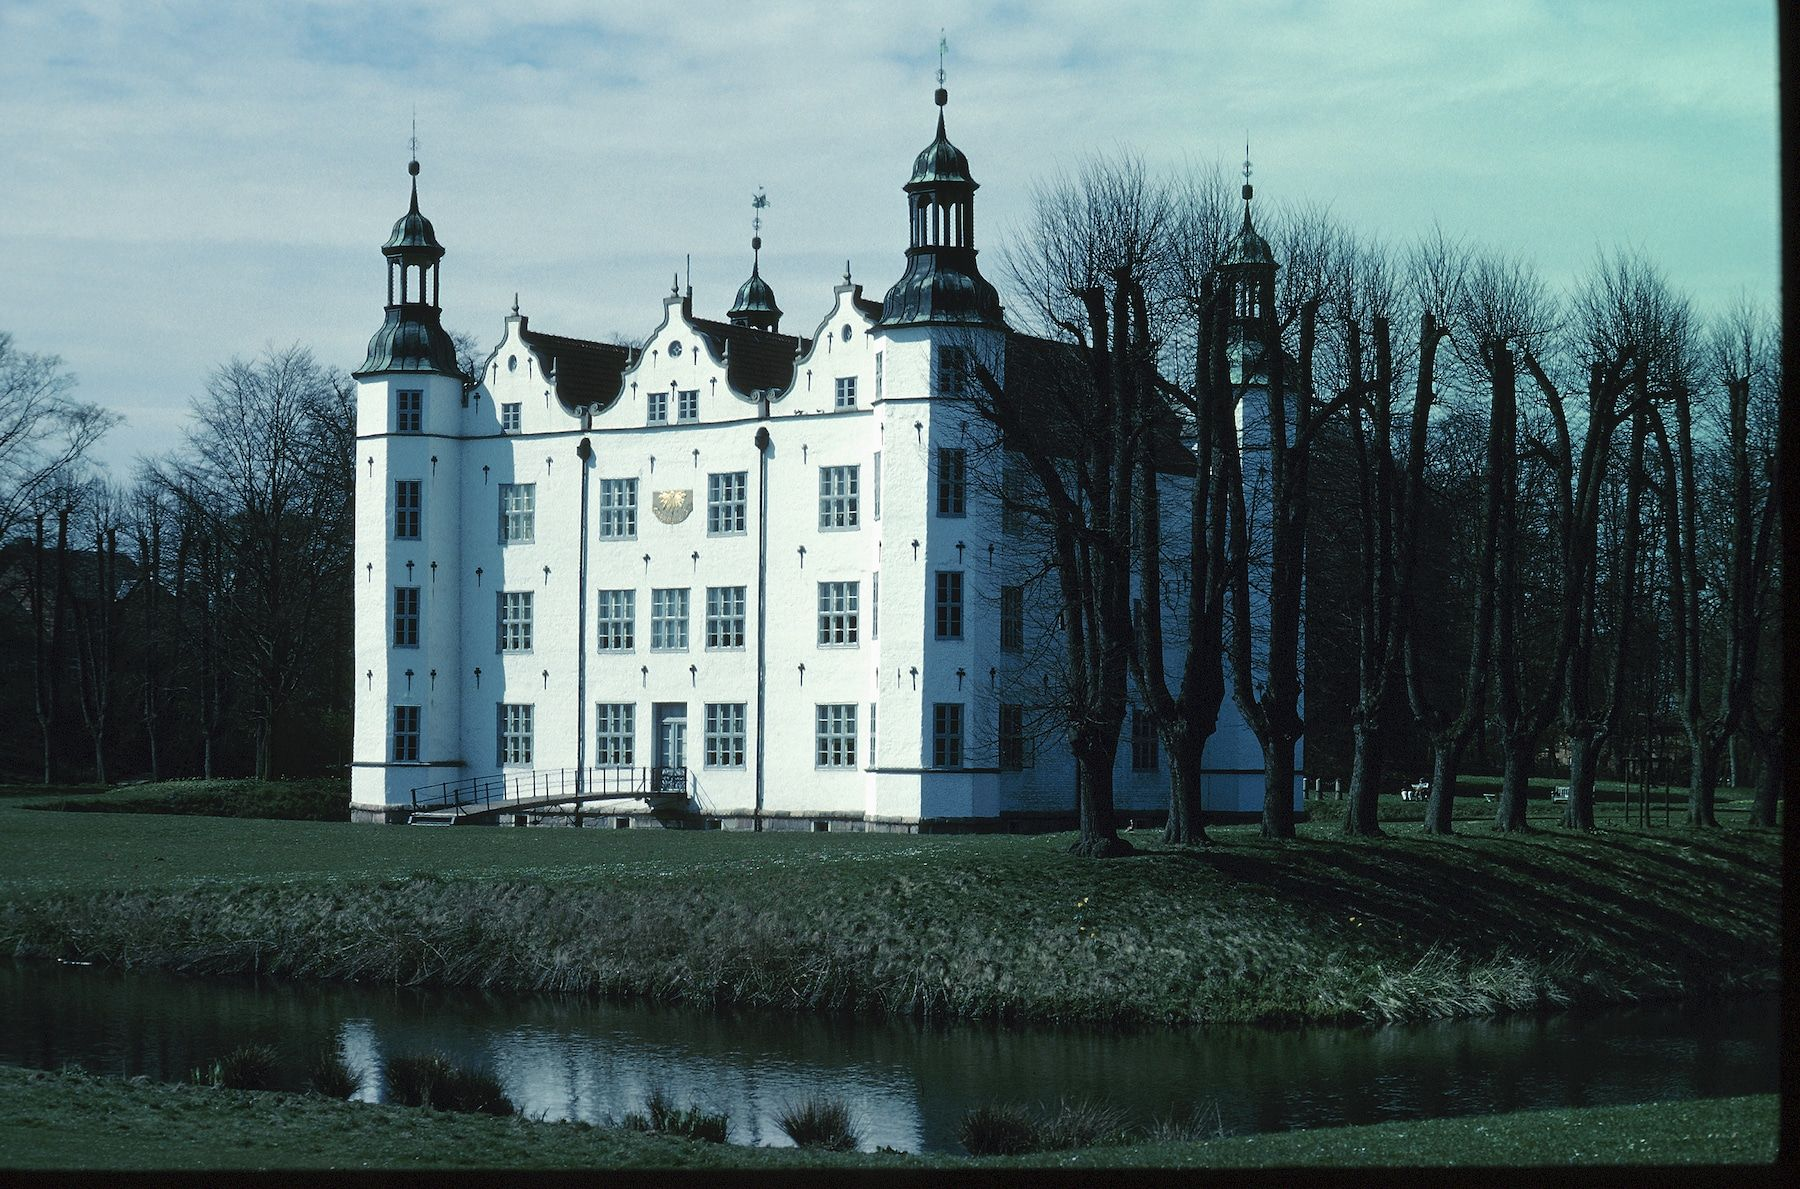 Die 16 Schonsten Schlosser Und Burgen Deutschlands Skyscanner Deutschland In 2020 Burg Schloss Ahrensburg Deutschland Burgen